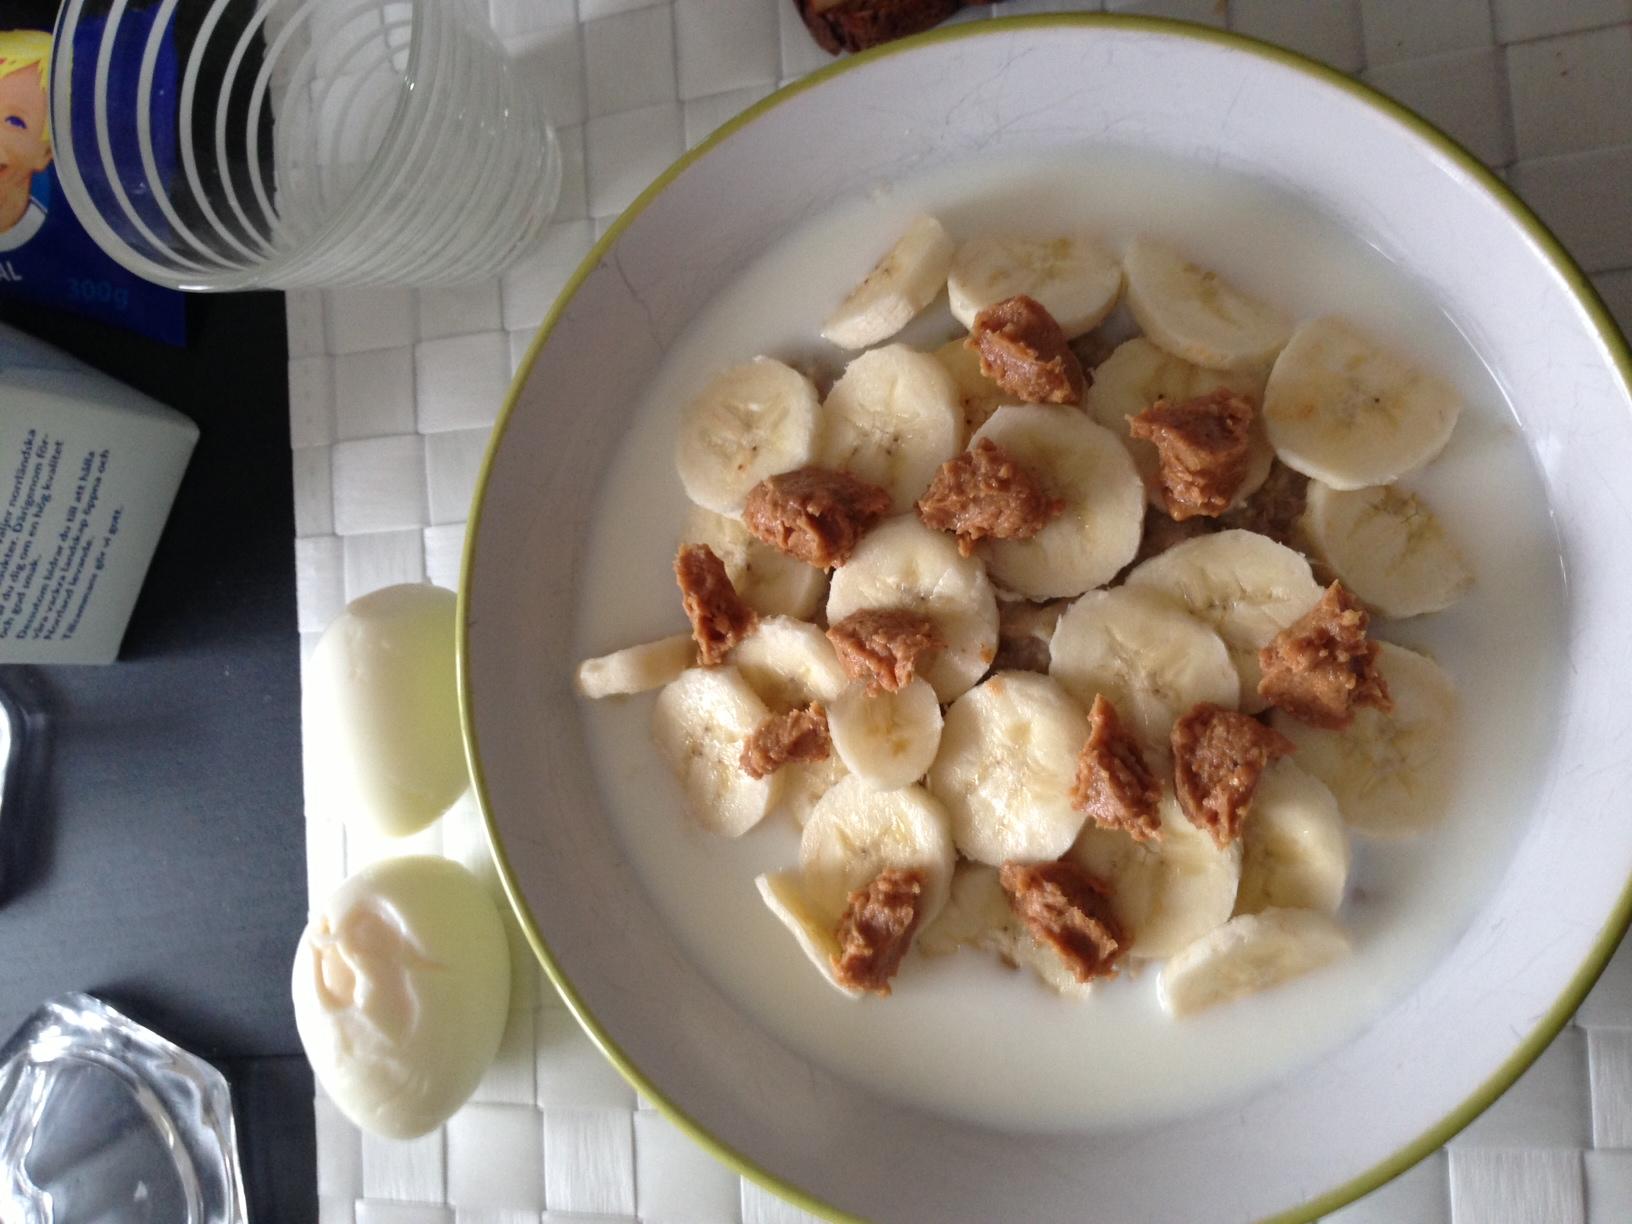 Banan och jordnötsmör! en favorit:)